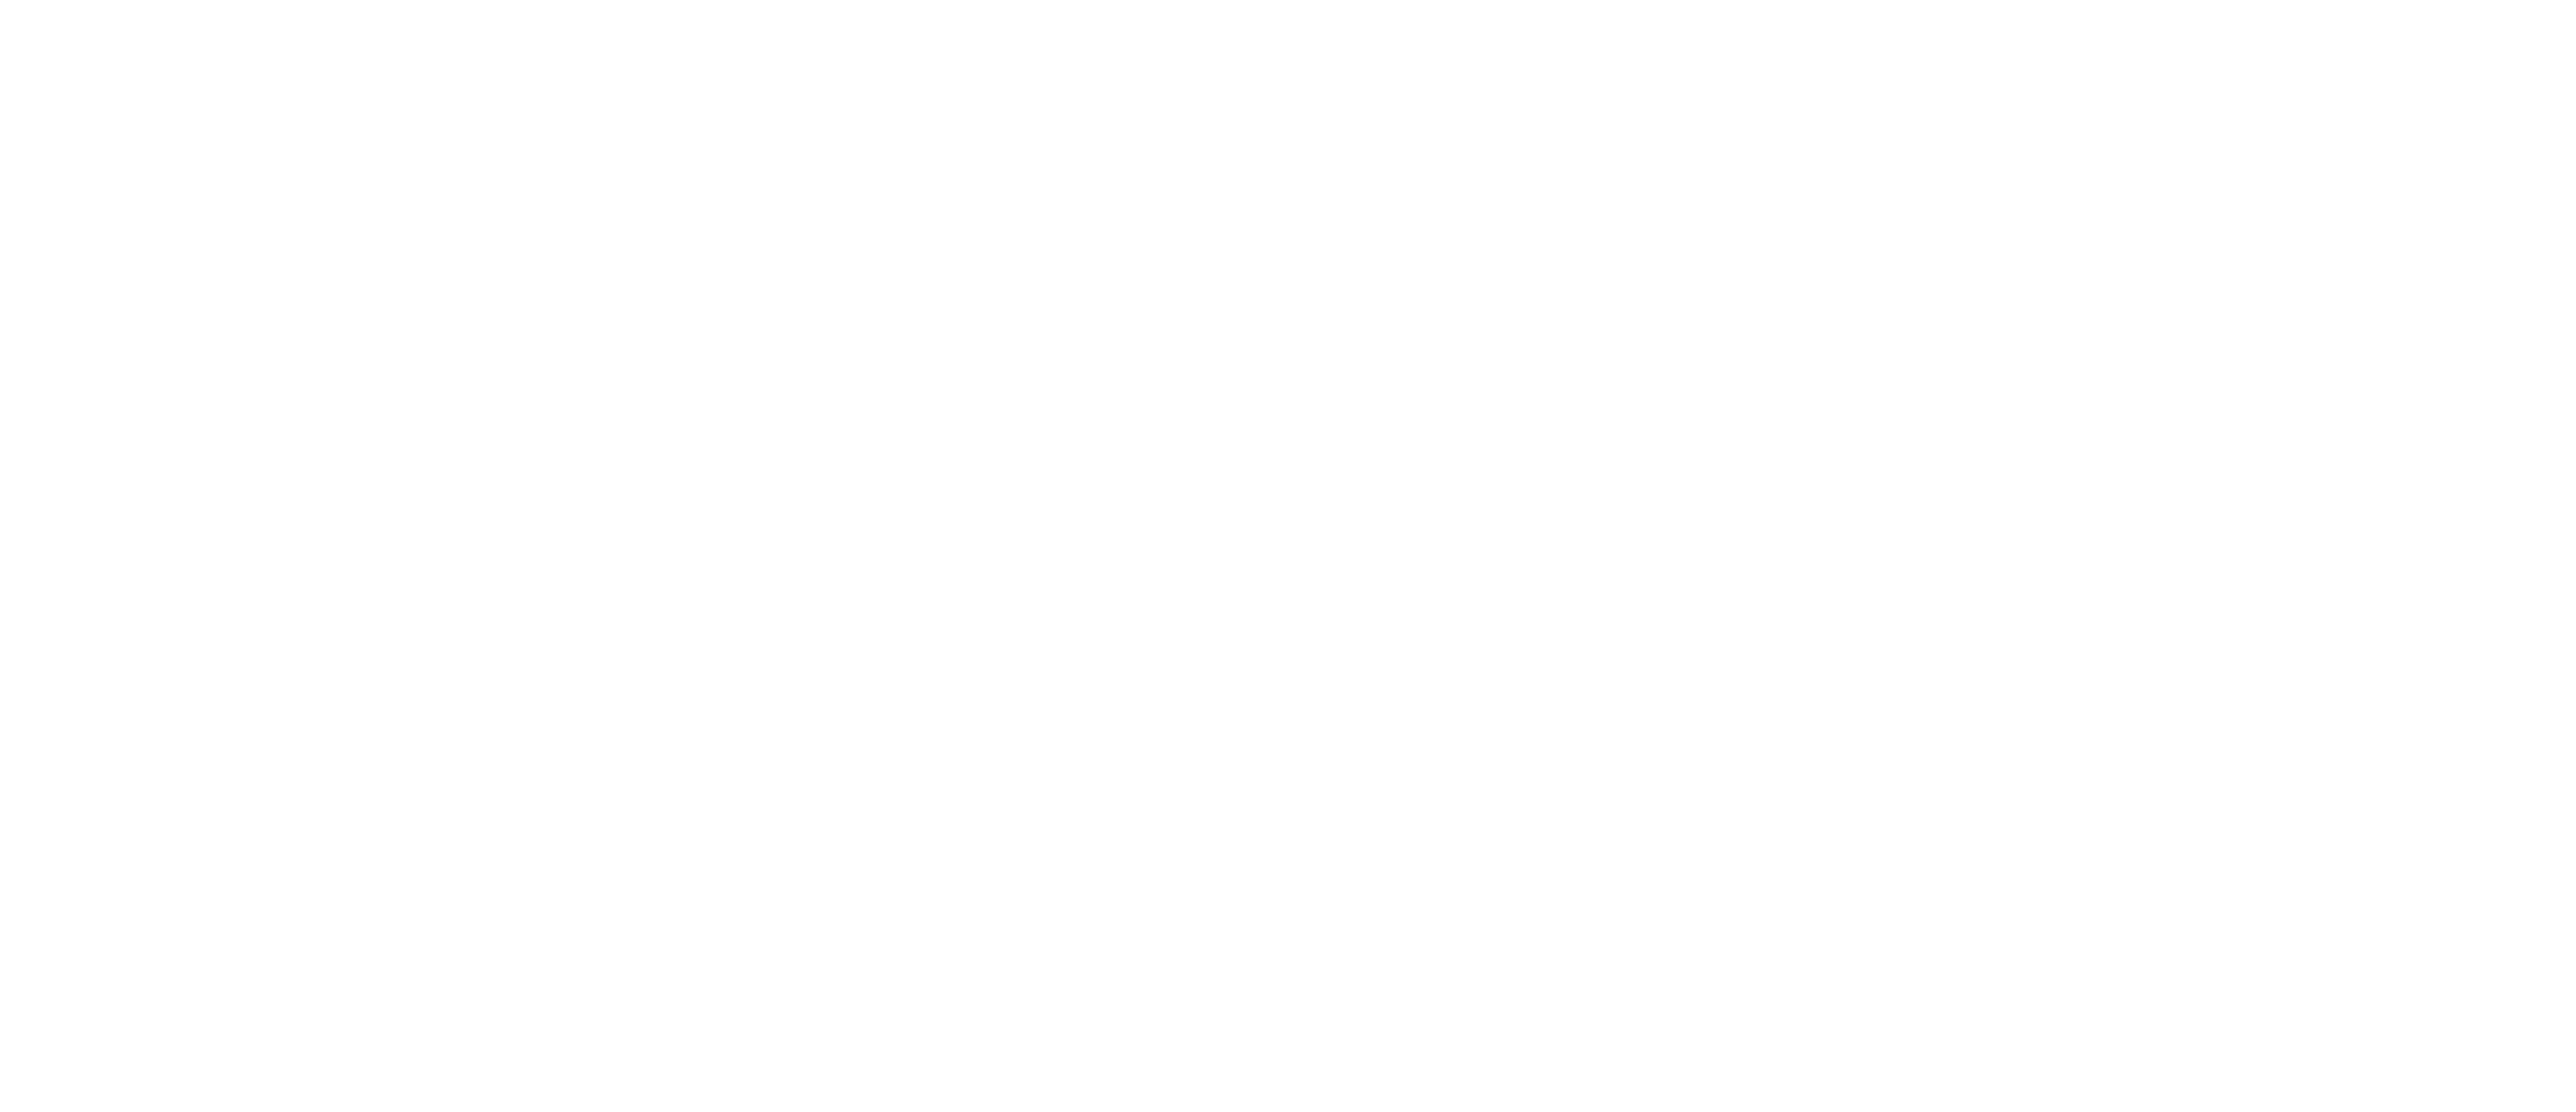 Logotipo Honrado Branco